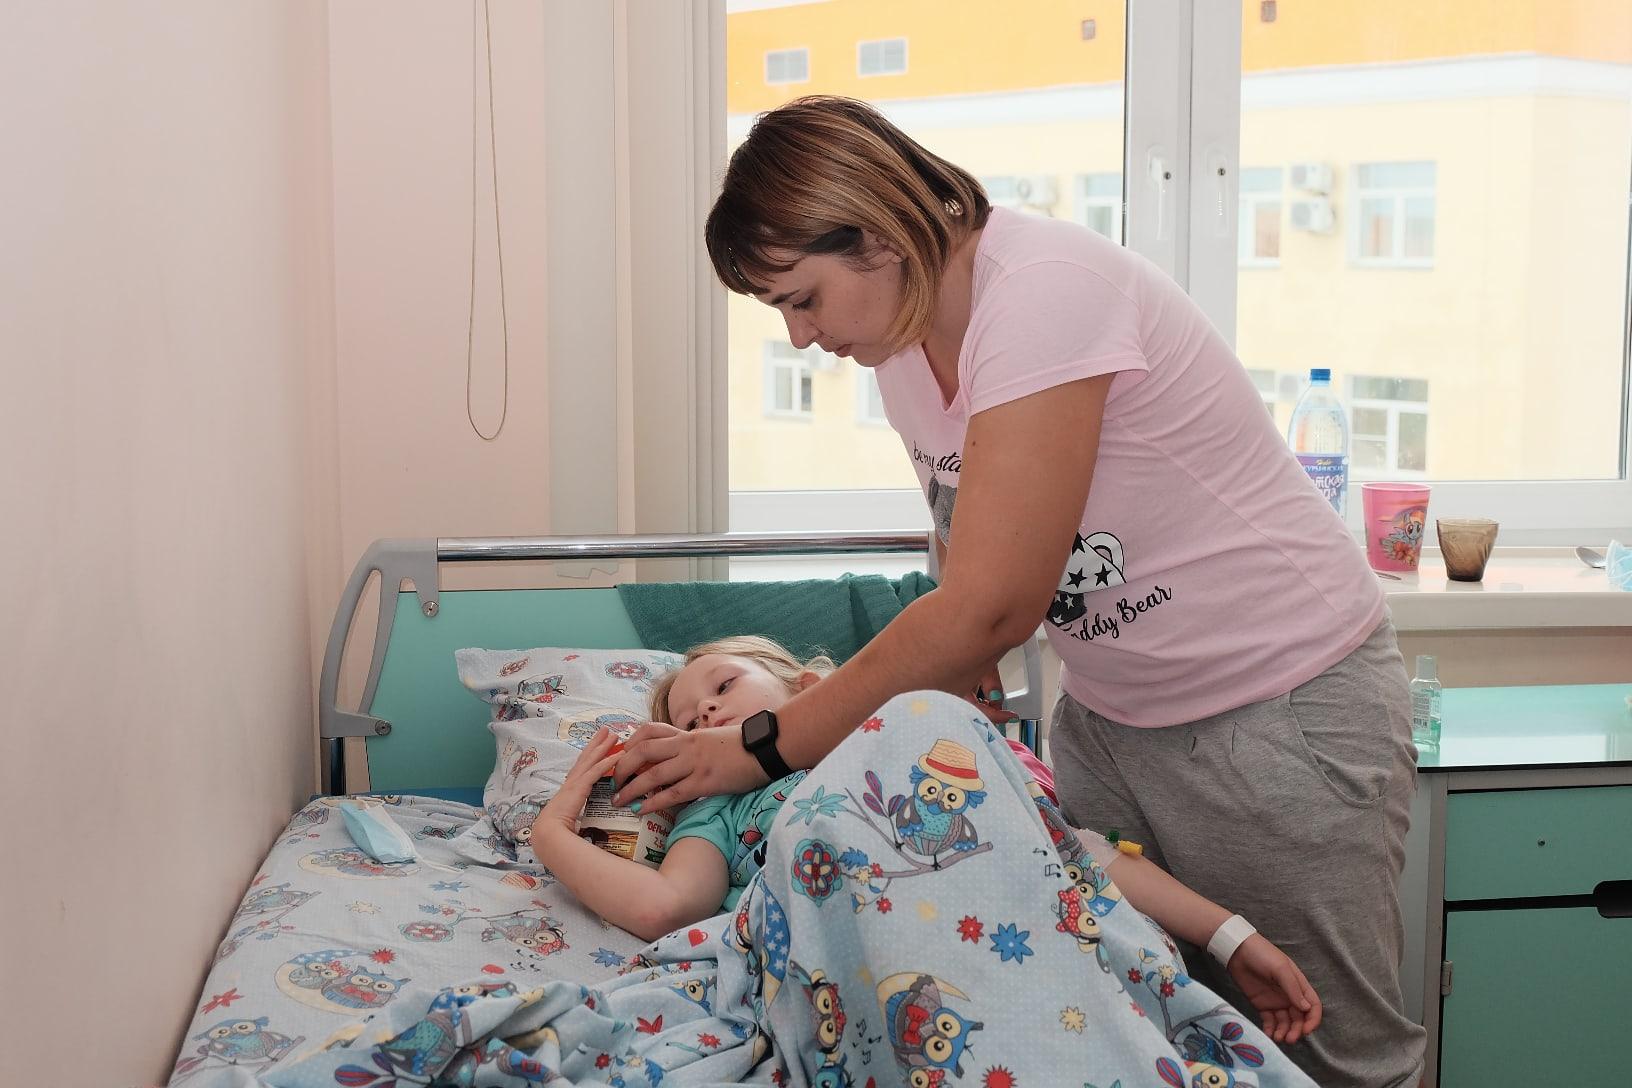 Путь к операции у семьи был долгим — два года. Нужна была подготовка, а затем сроки сдвинула пандемия коронавируса